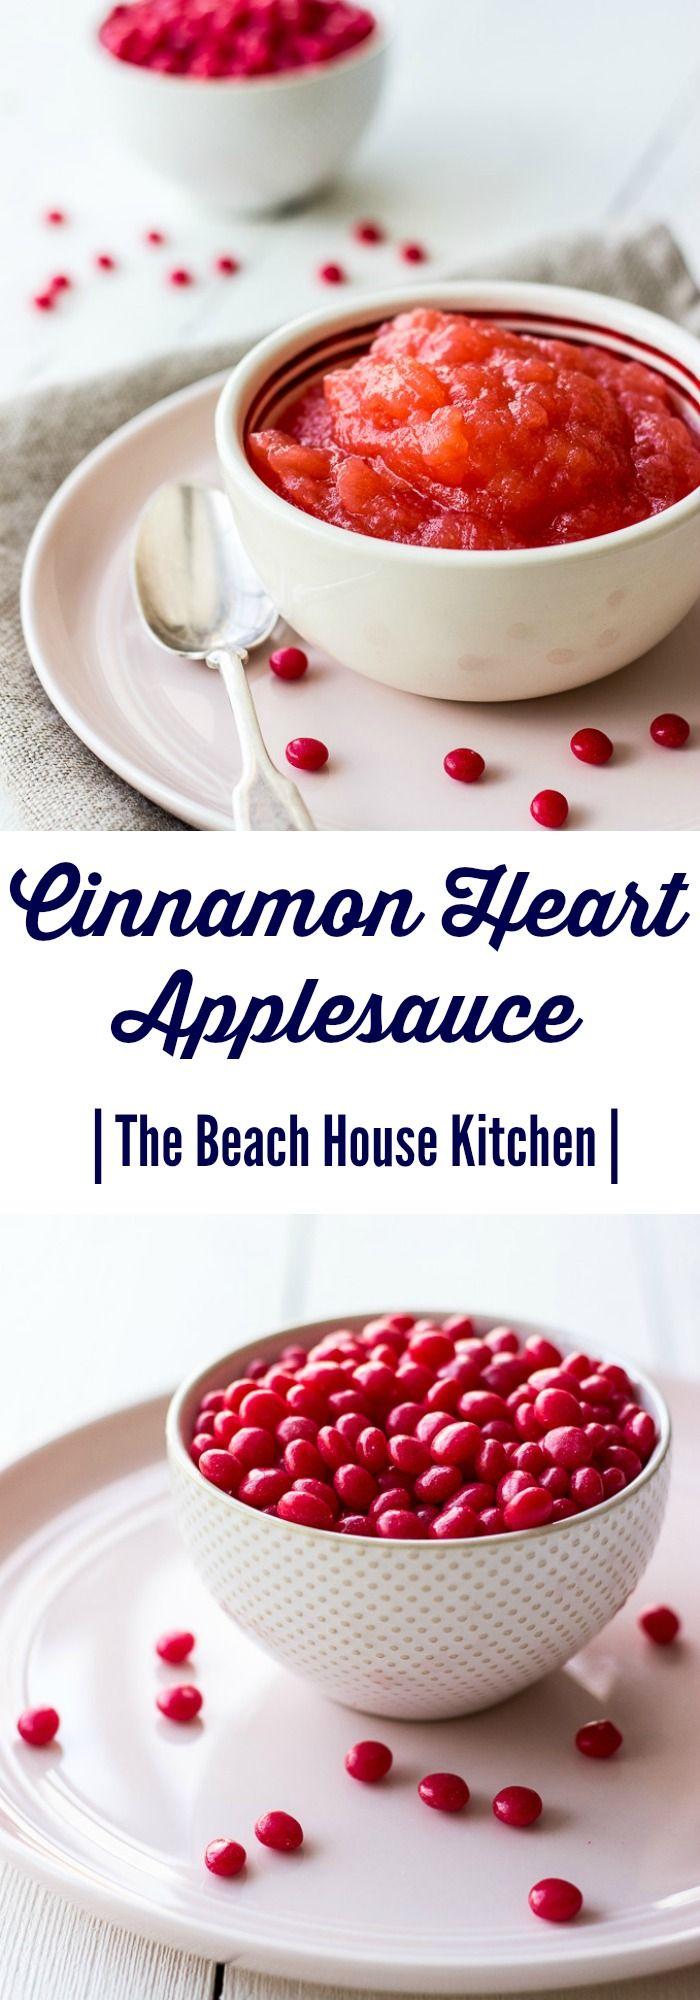 Cinnamon Heart Applesauce